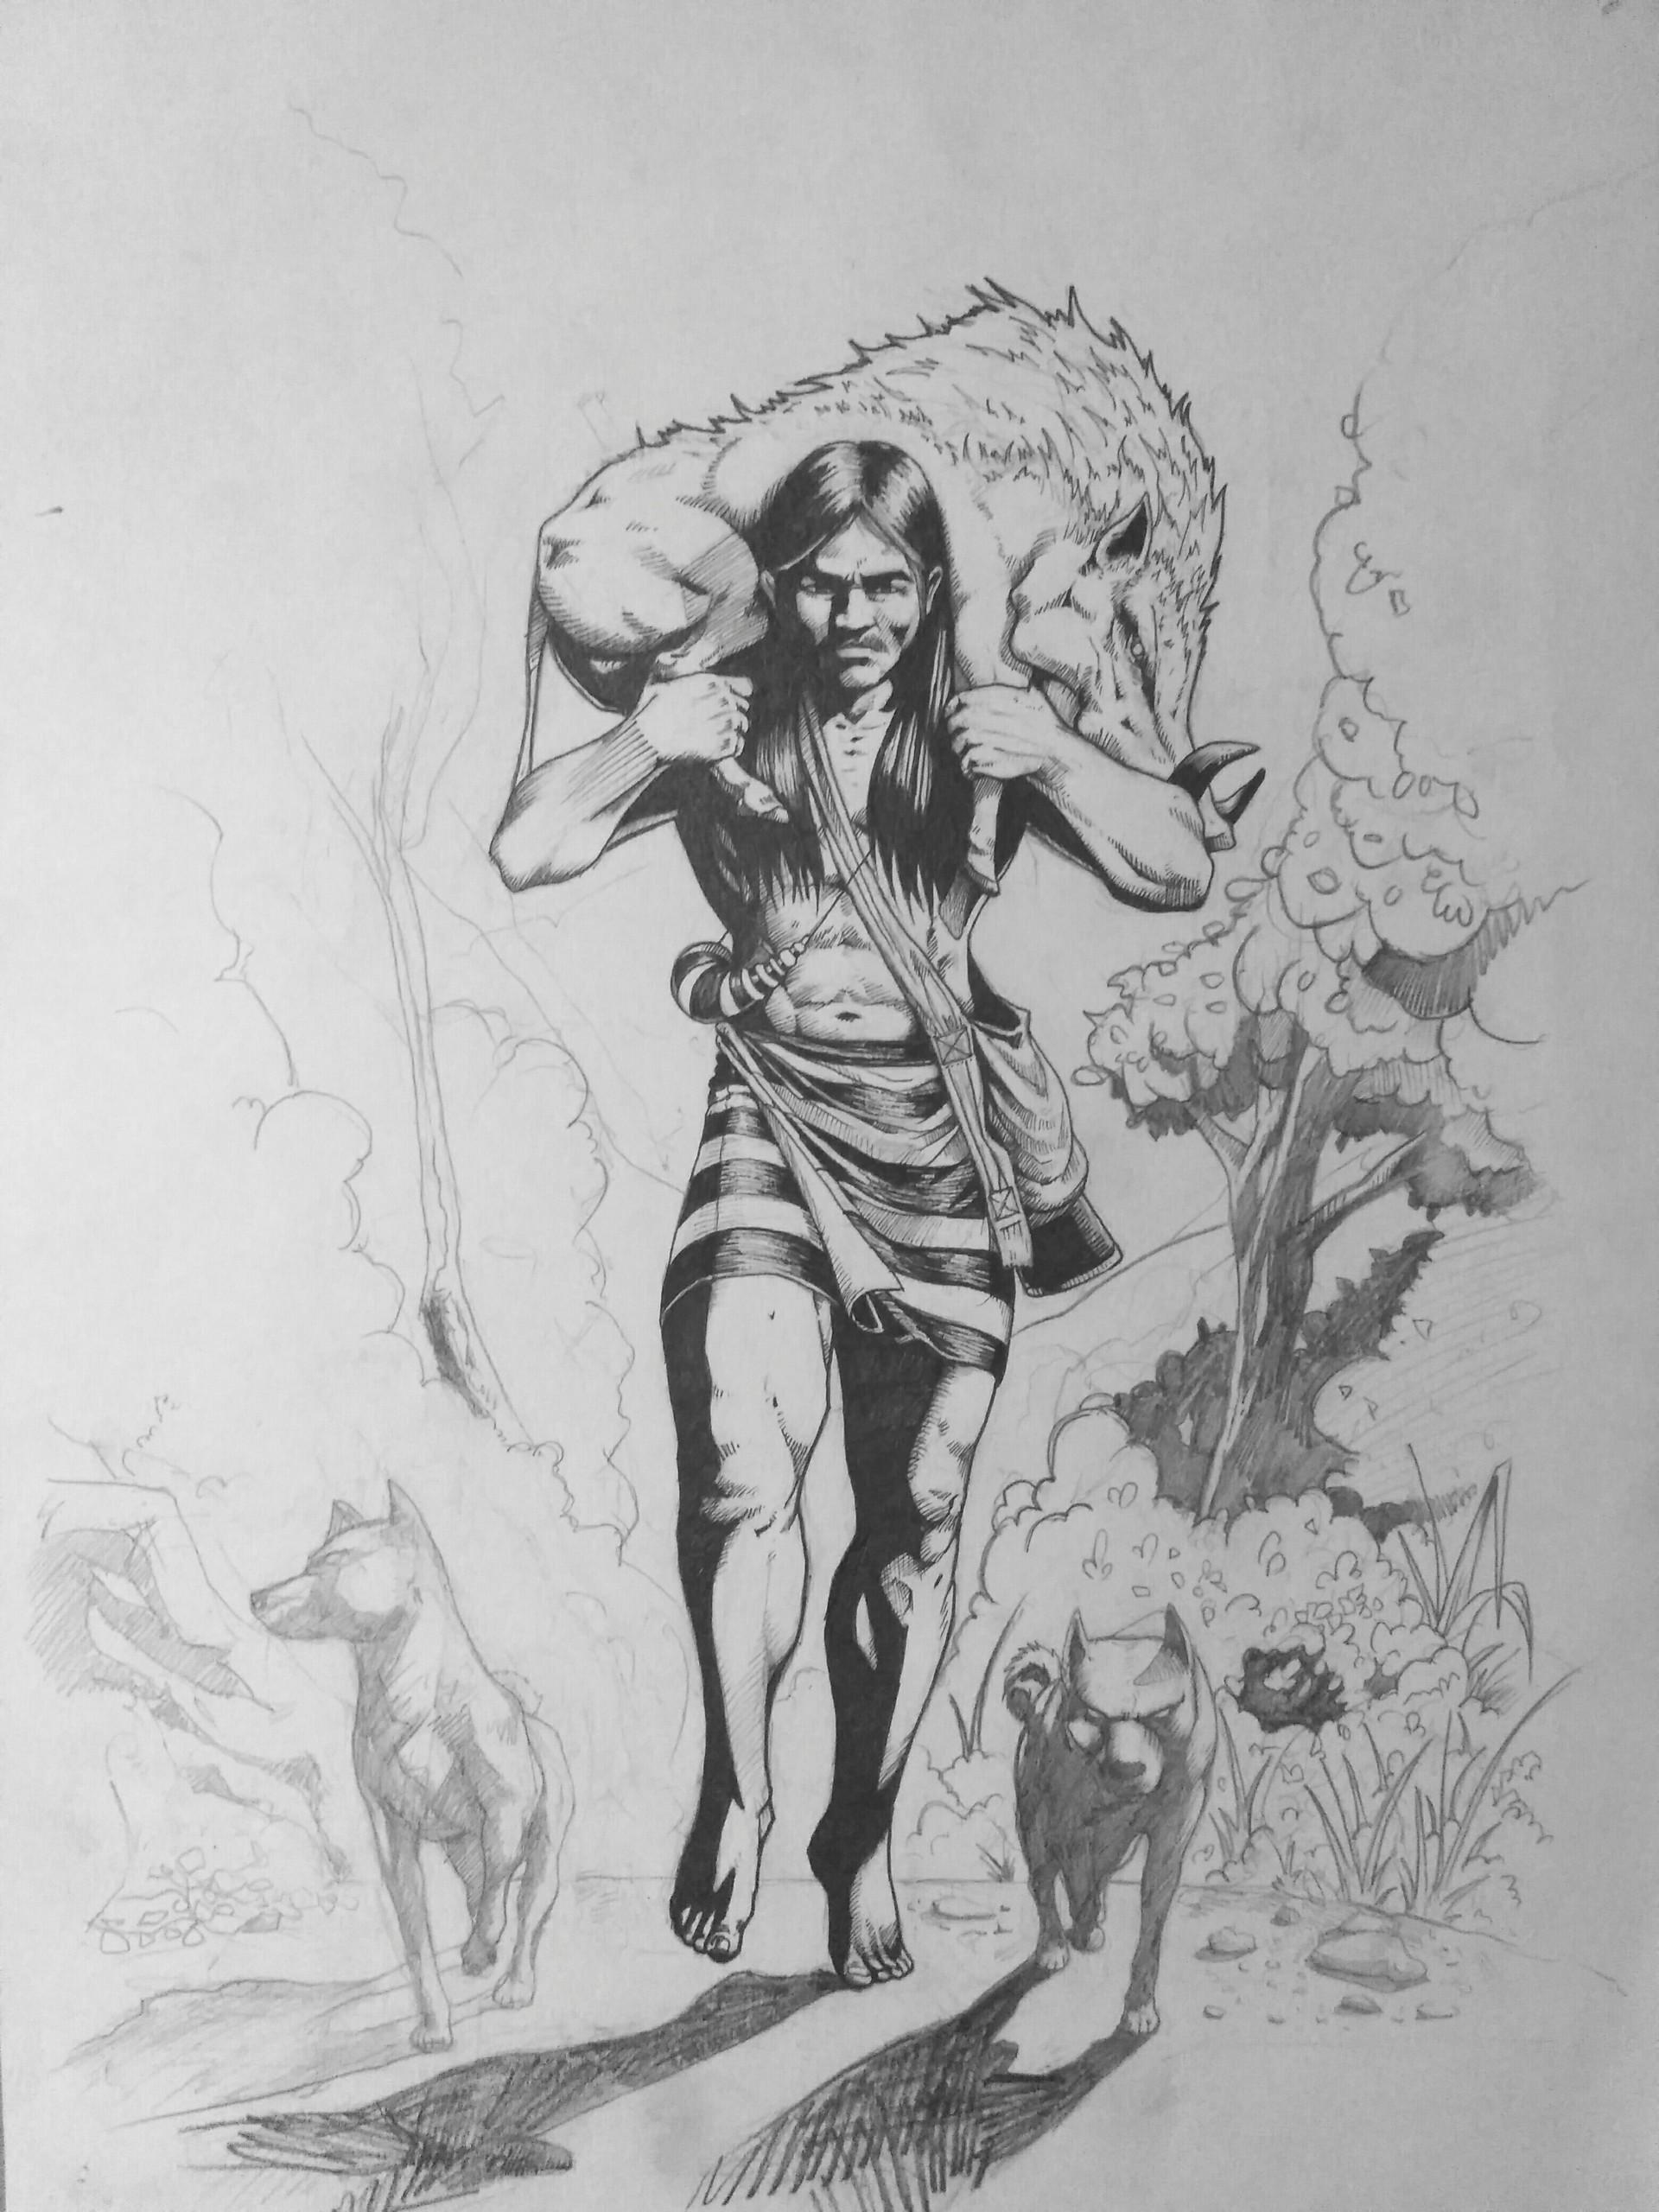 C m s dawngliana youngbully concept character of mizo pasaltha mizo warrior